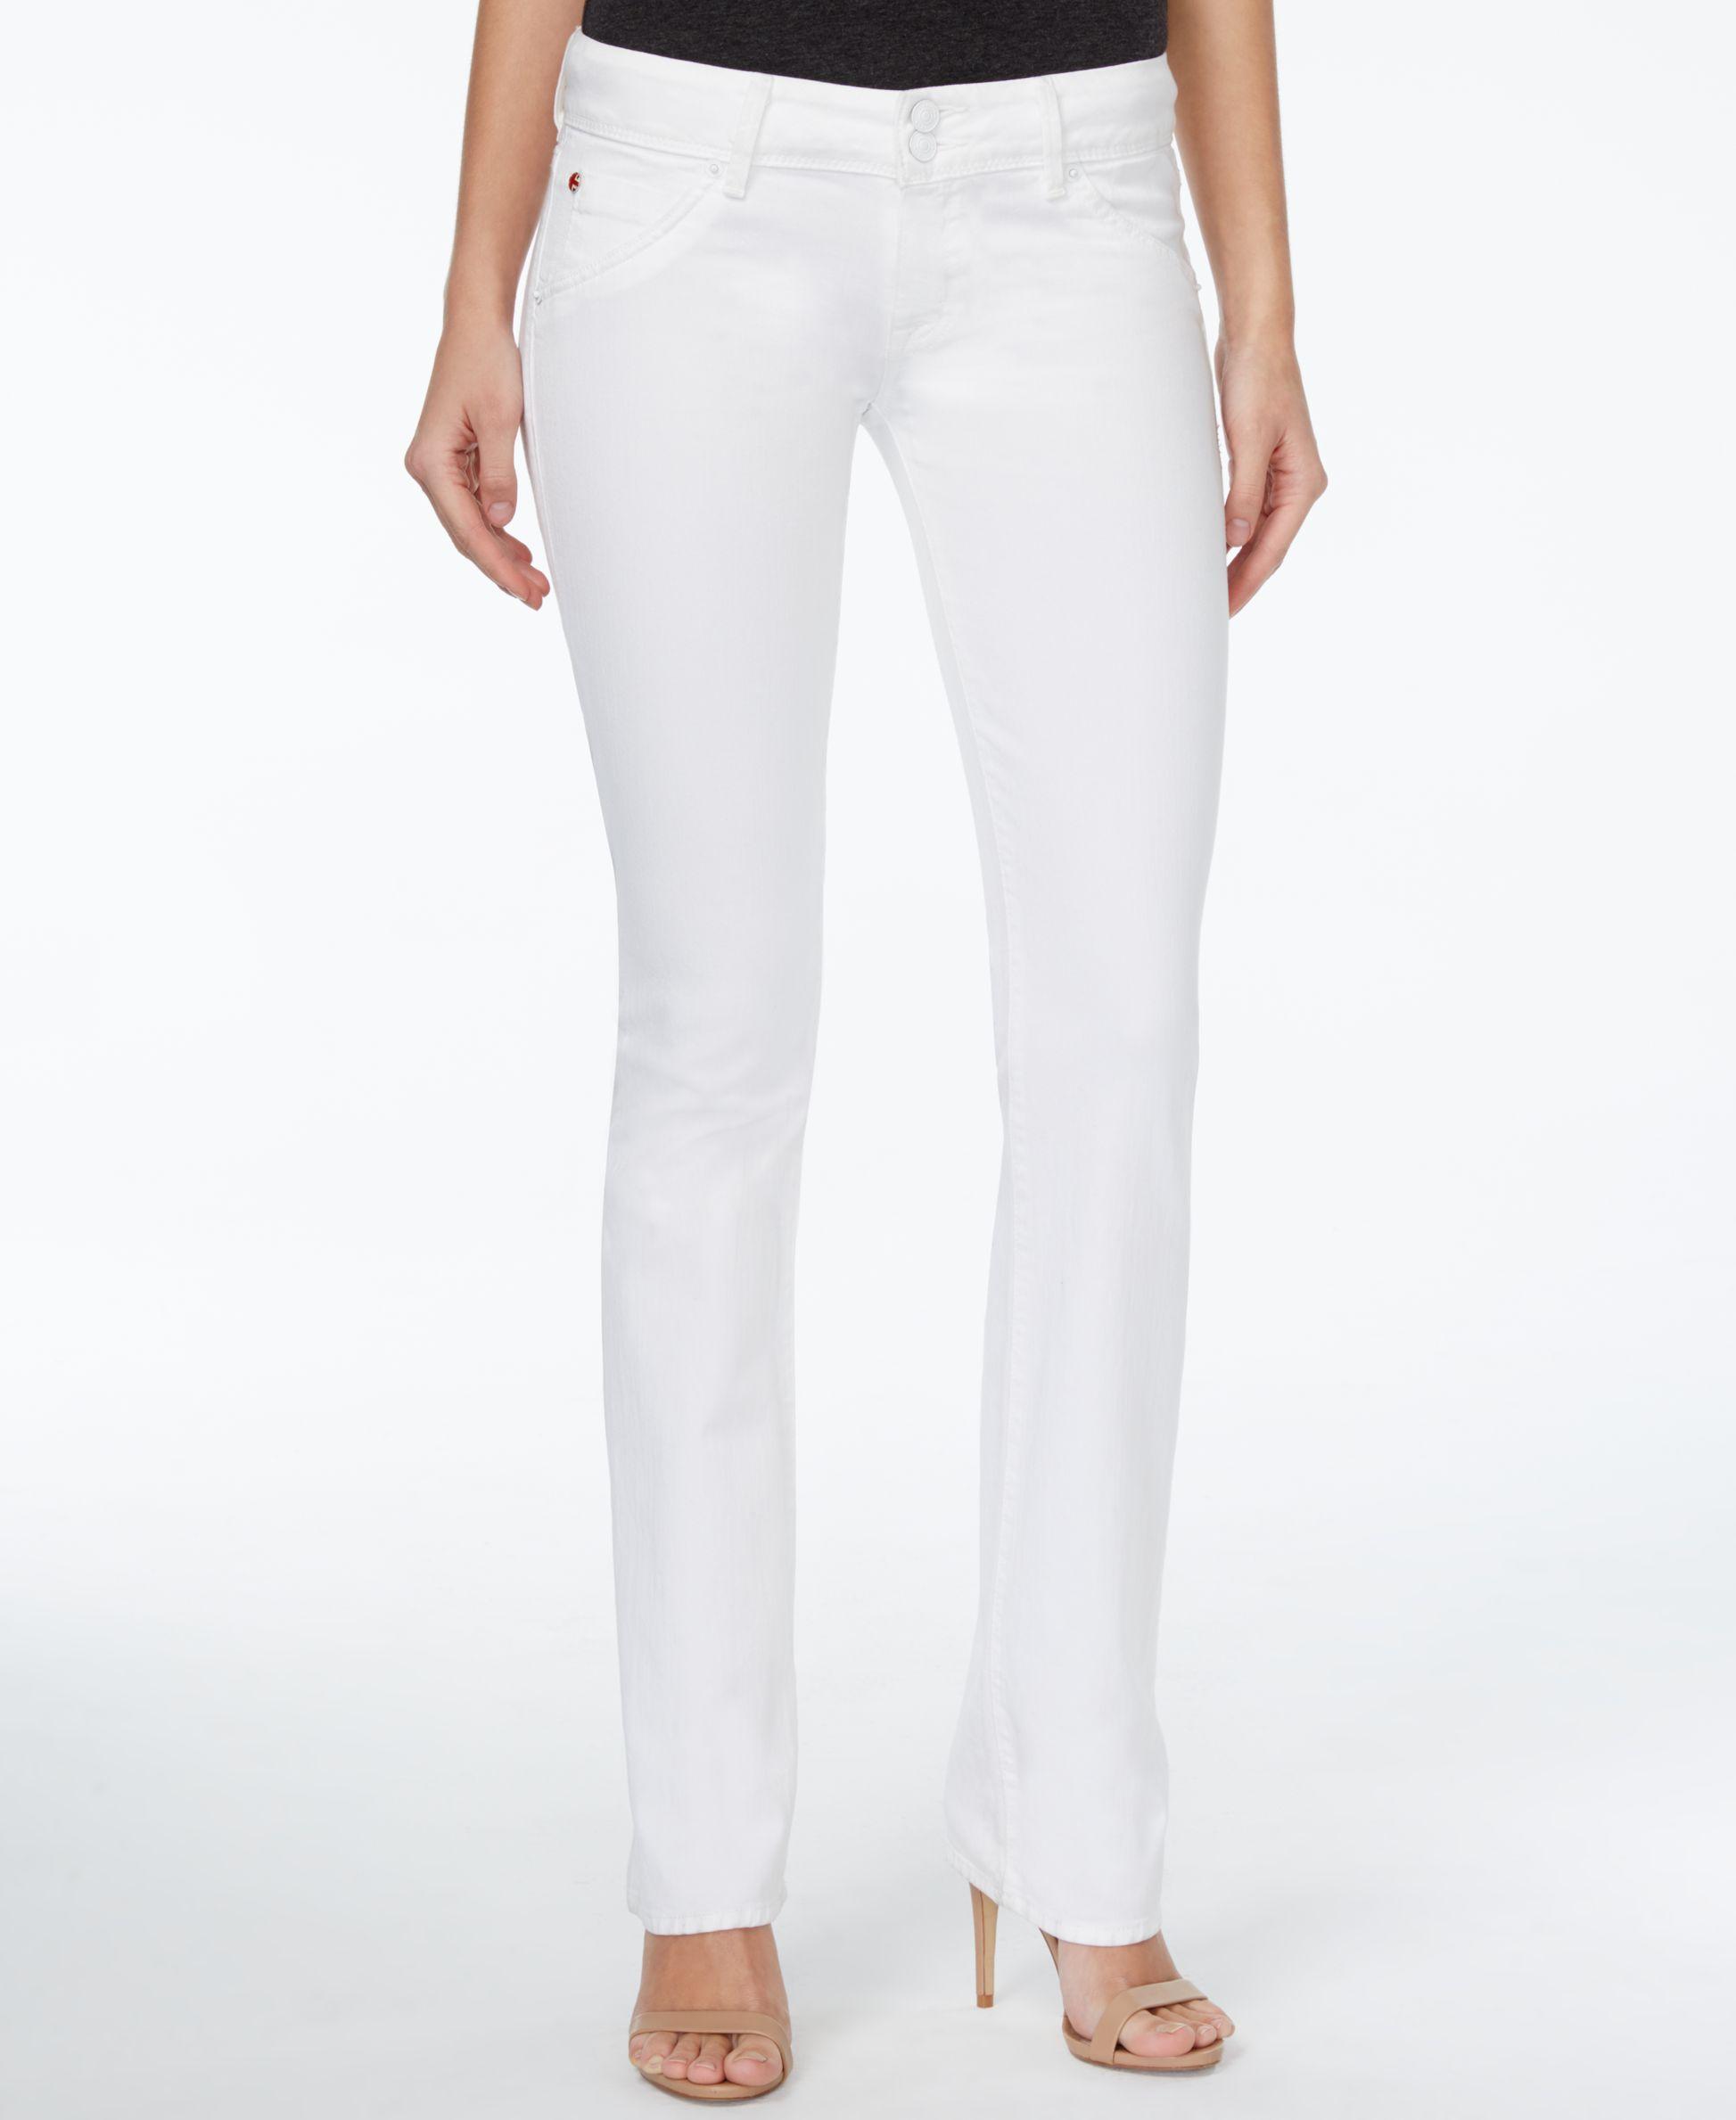 die besten 25 women 39 s bootcut jeans ideen auf pinterest bequem und l ssig kleiderstile f r. Black Bedroom Furniture Sets. Home Design Ideas